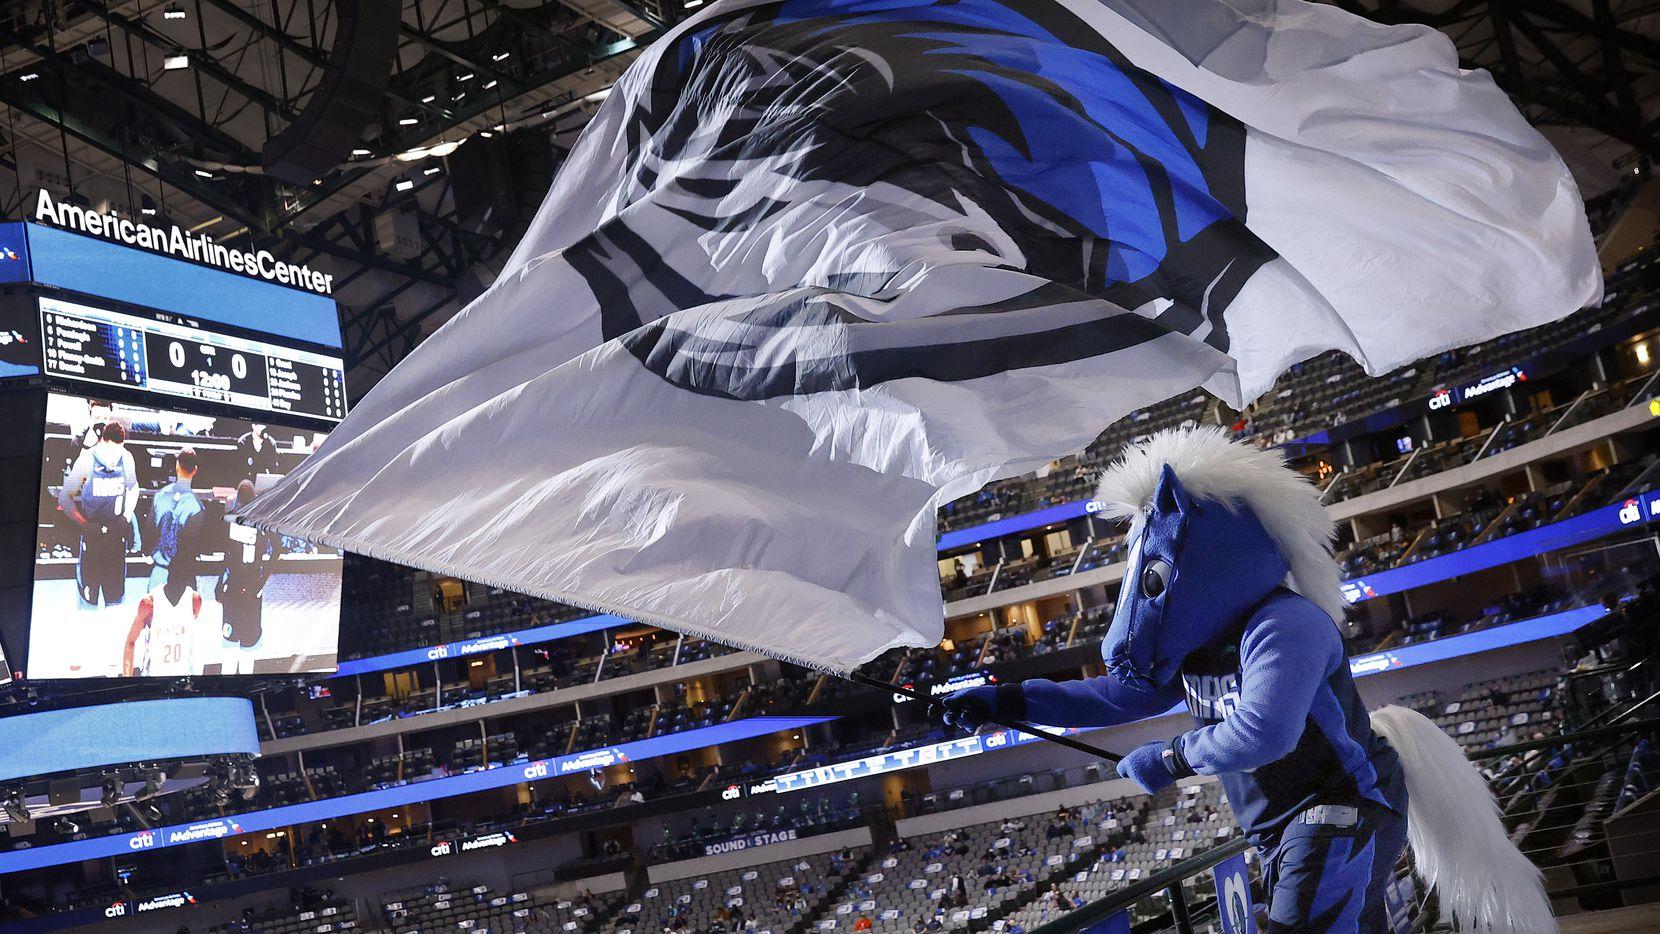 Los Mavericks de Dallas recibirán a por lo menos 9,000 aficionados en el American Airlines Center para su partidos de playoffs.